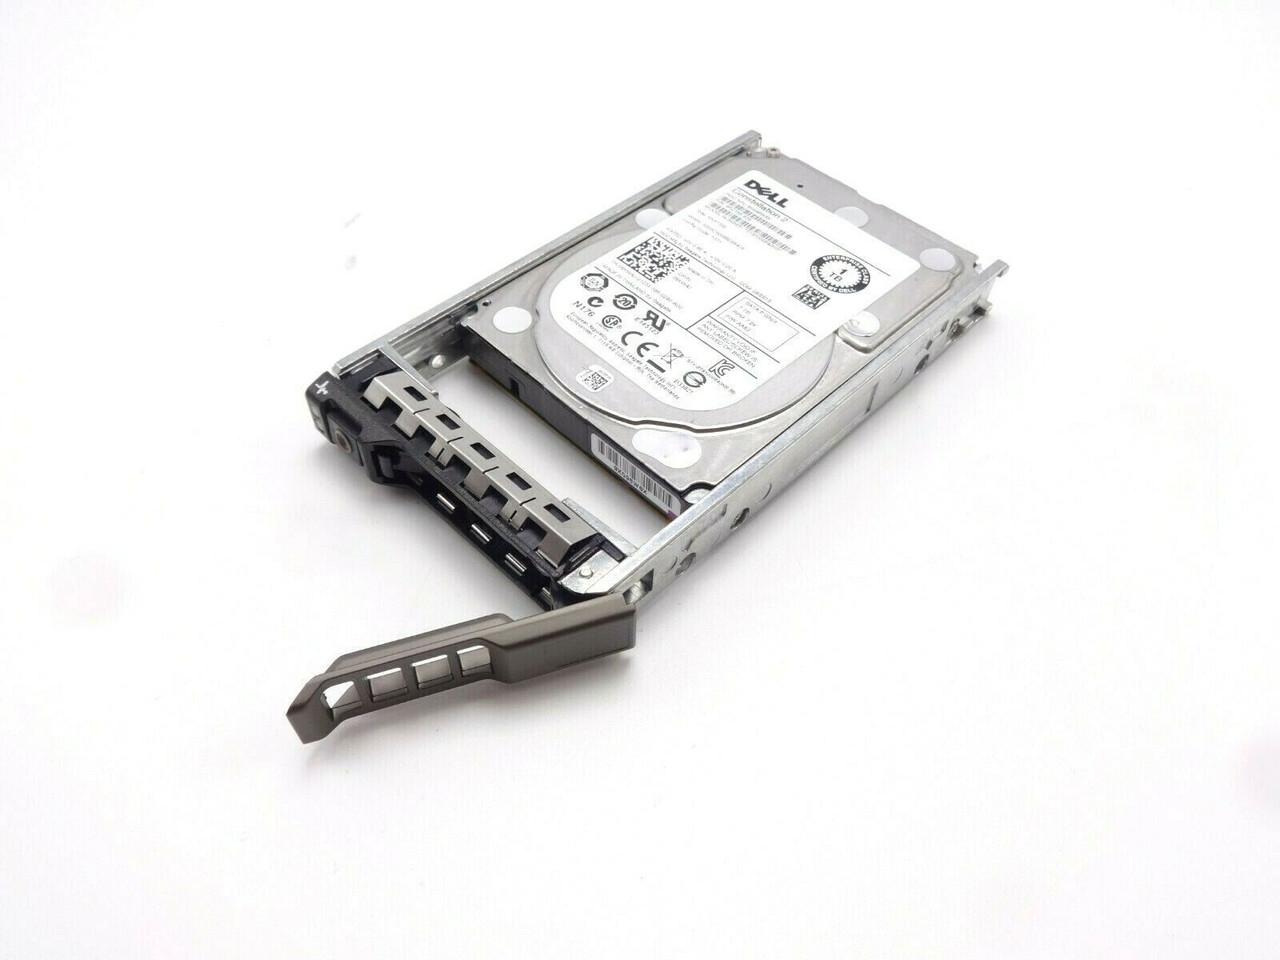 Dell 9KW4J 1TB 7200RPM 2.5 SATA 6Gbps Hard Drive